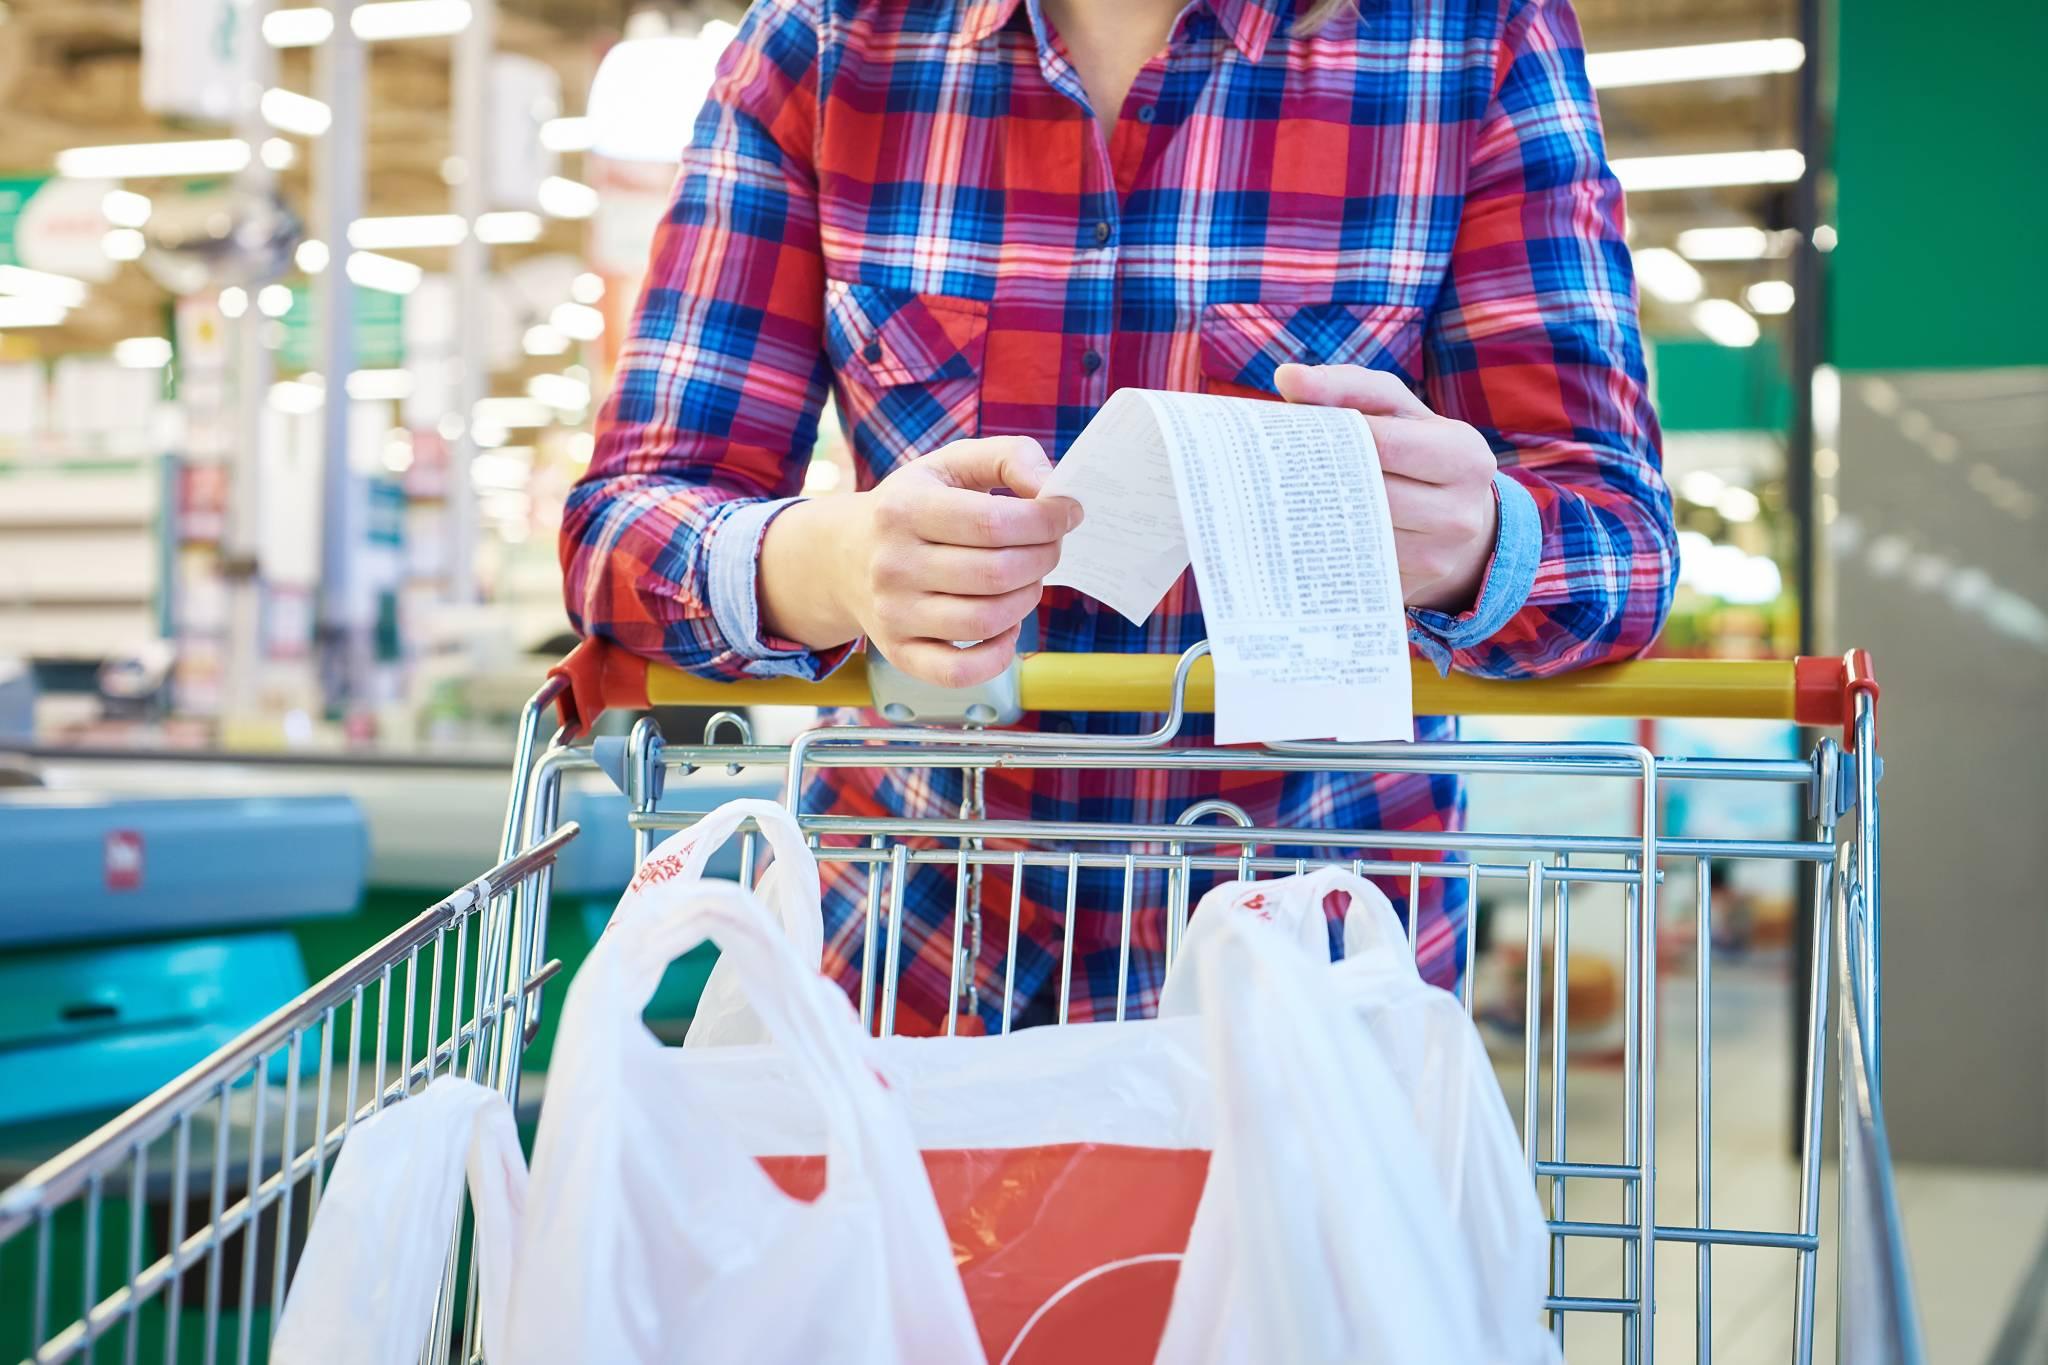 Racjonalne zakupy: od czego zacząć?